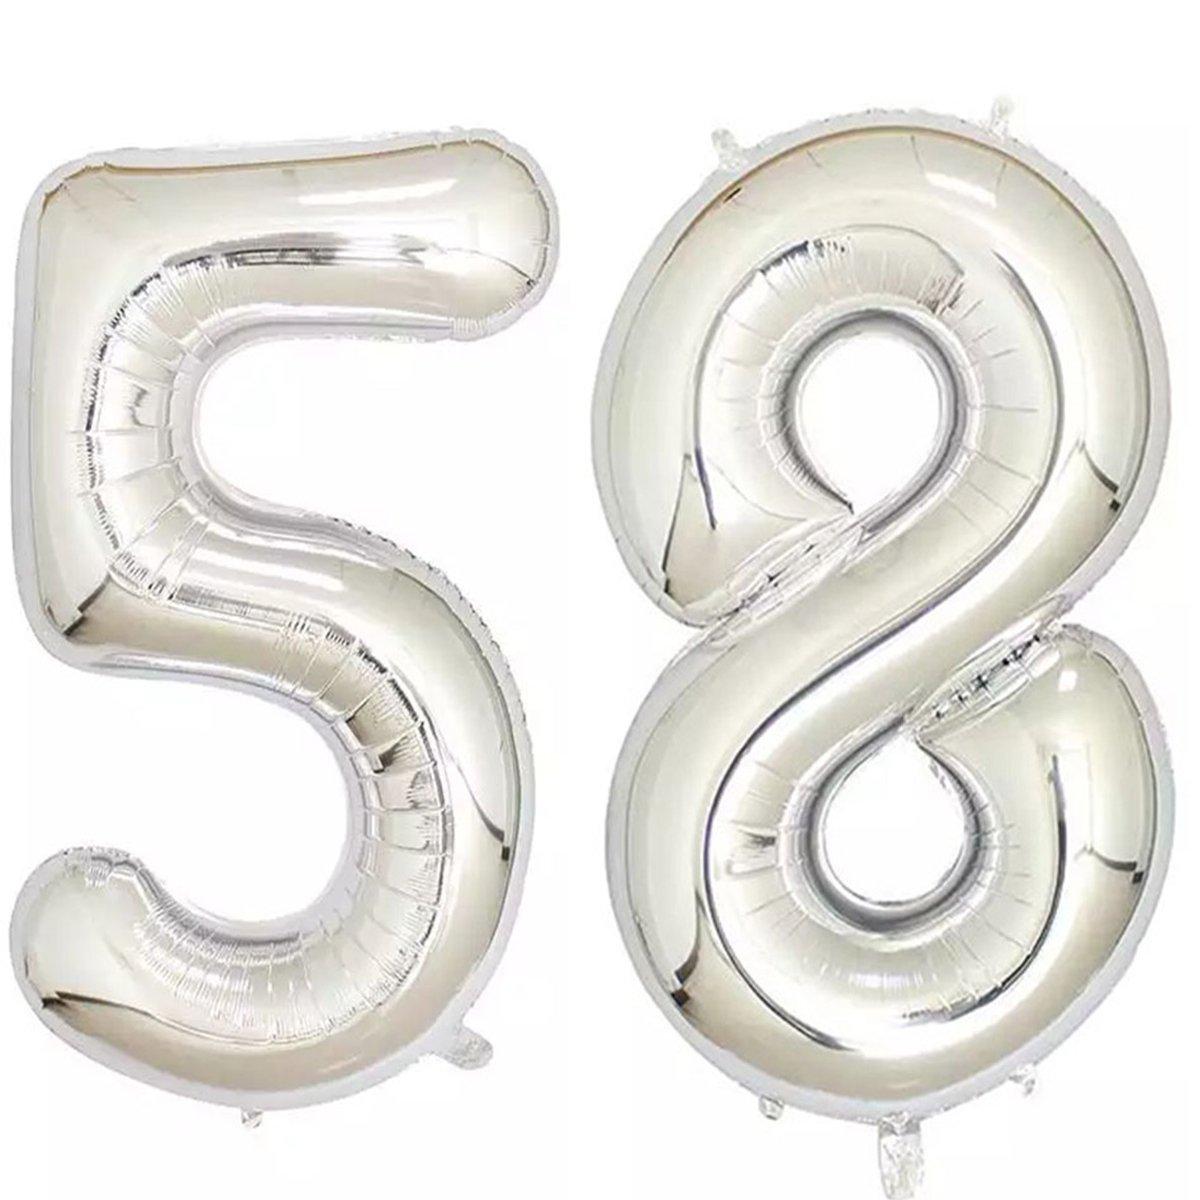 40インチシルバー箔ヘリウムジャンボ58デジタル数のバルーンレディースorメンズ、58、58th誕生日デコレーション誕生日パーティーSupplies   B07B8DZP7V